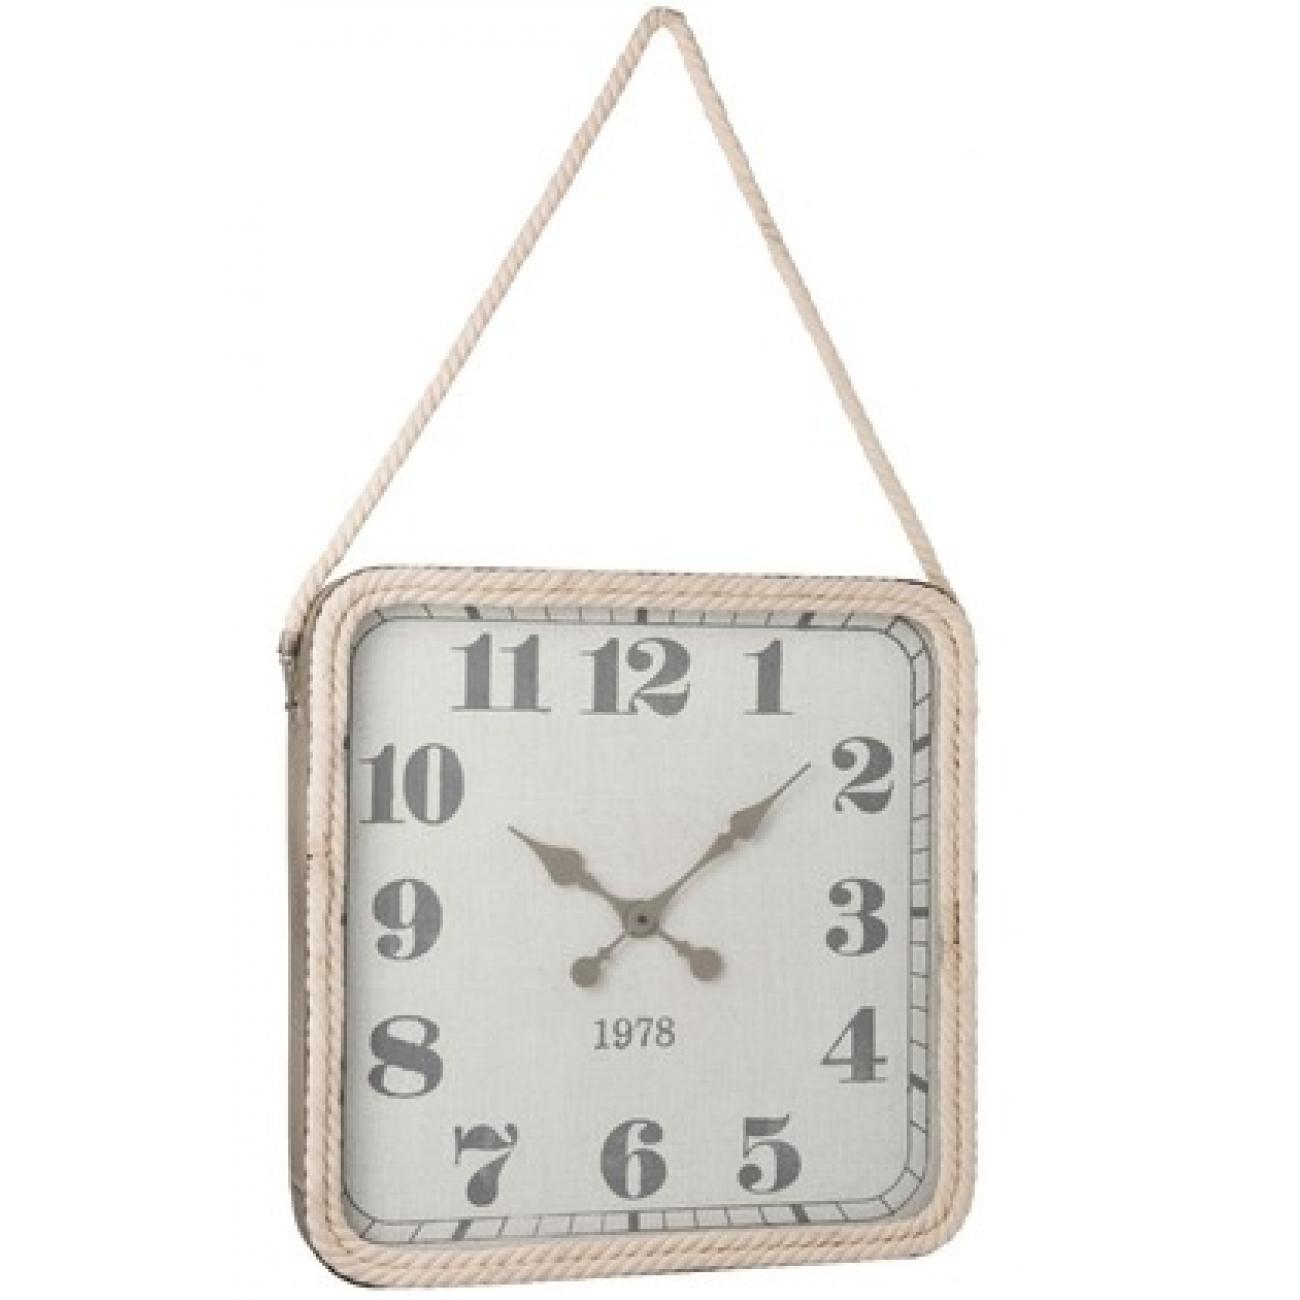 Настенные часы J-LINE квадратные в металлическом сером корпусе с канатным держателем 60х60 см